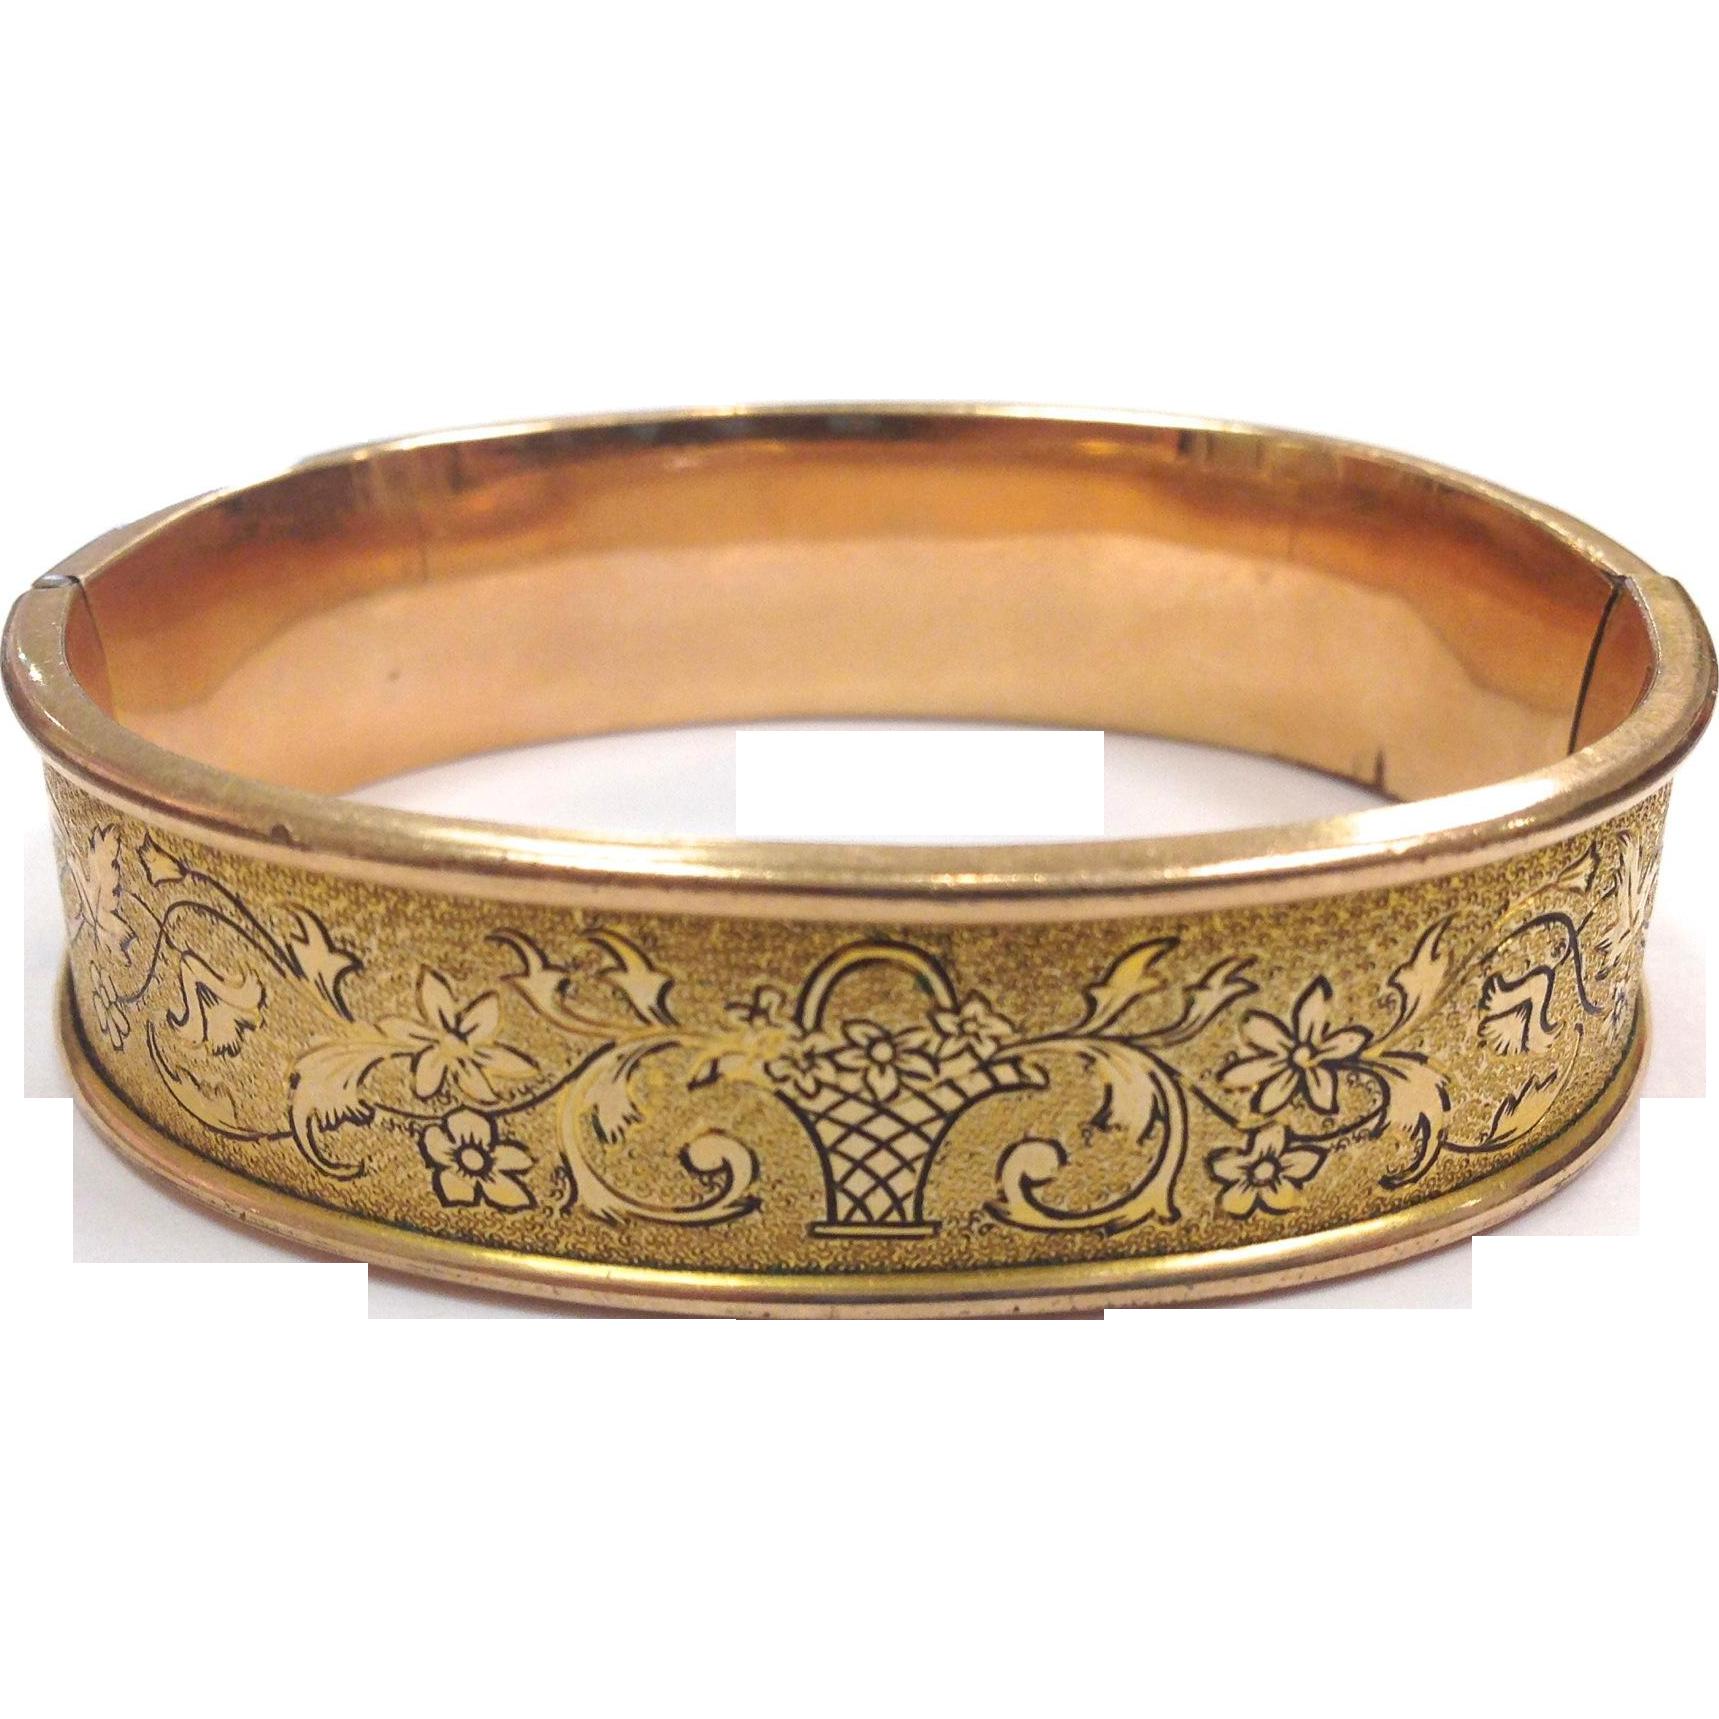 Antique Gold Filled hinged bangle bracelet with black enamel basket engraving